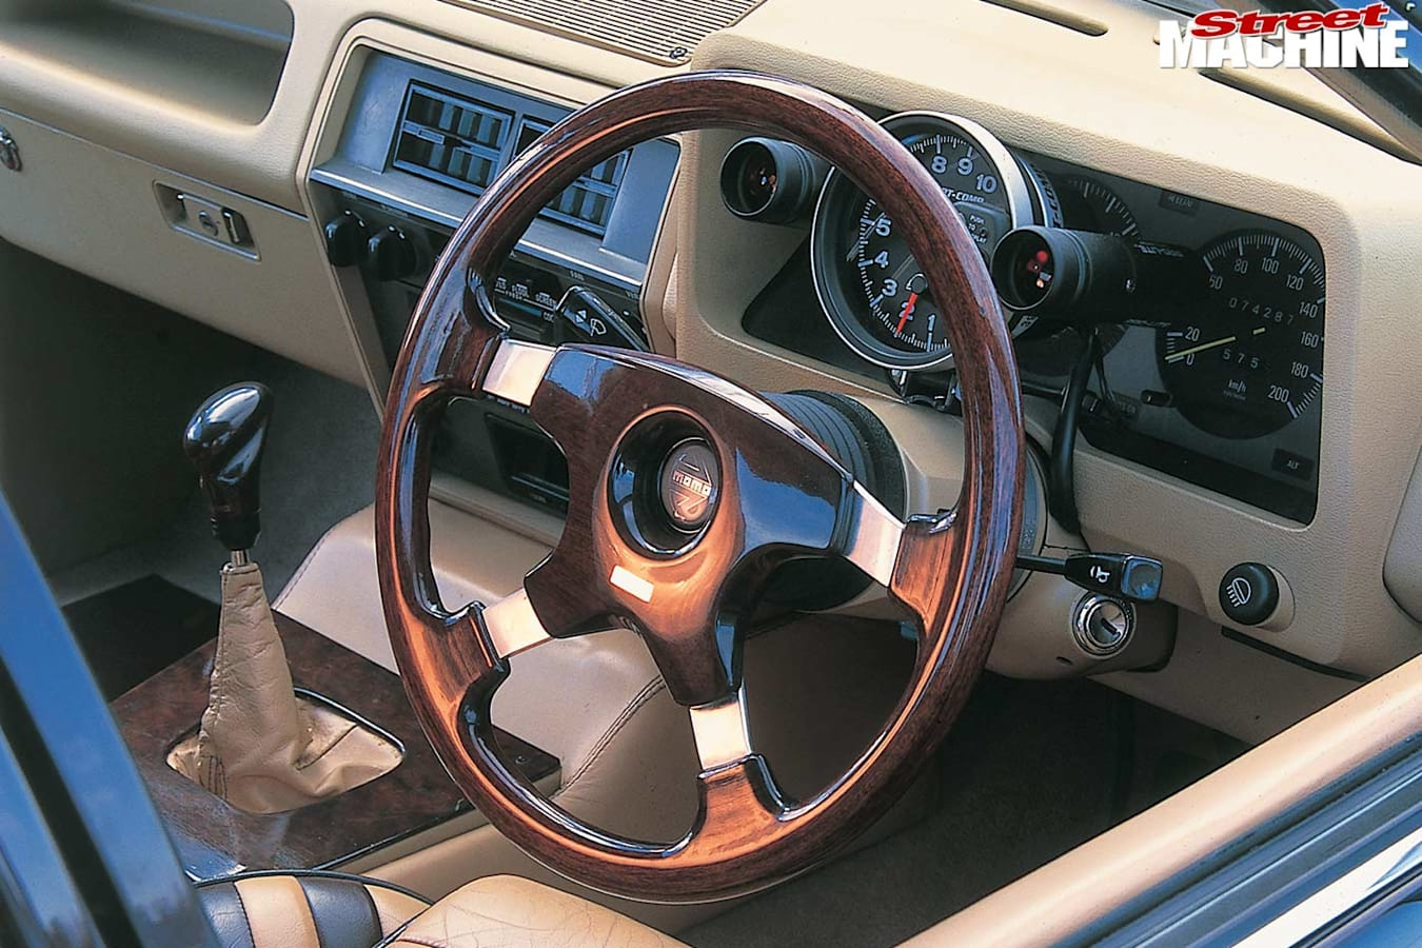 Ford Falcon dash